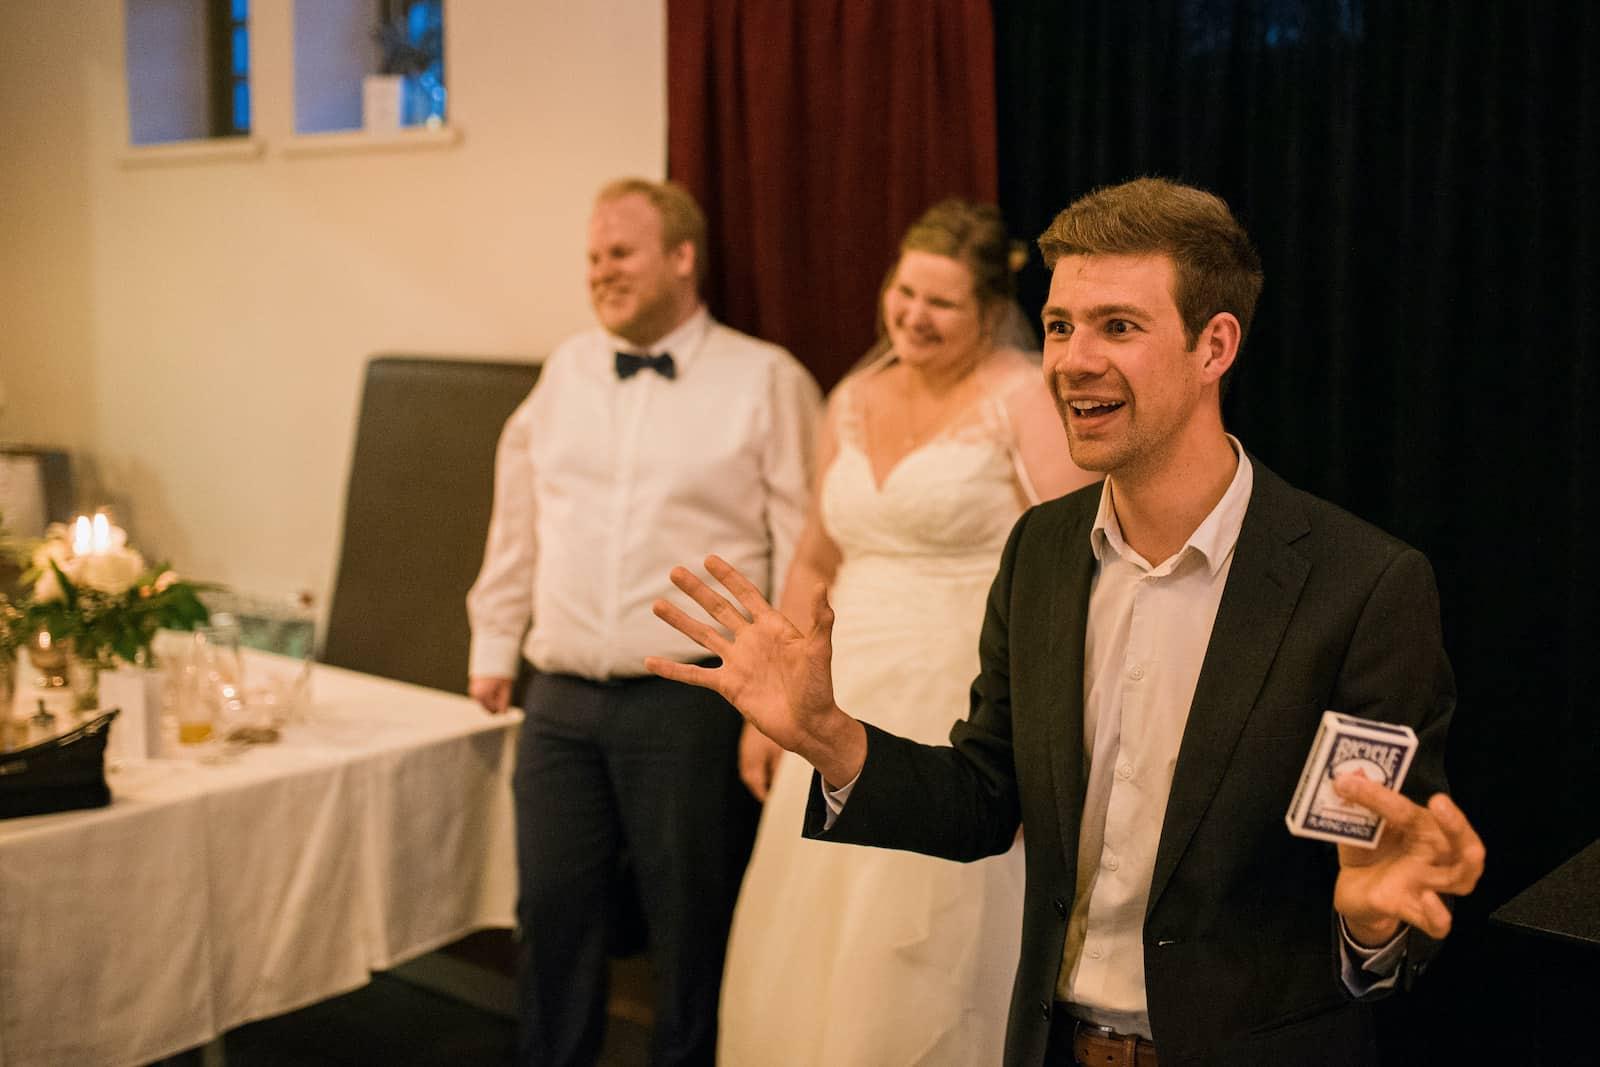 Zauberkünstler Dominik Fontes auf der Bühne bei einer Hochzeit buchen